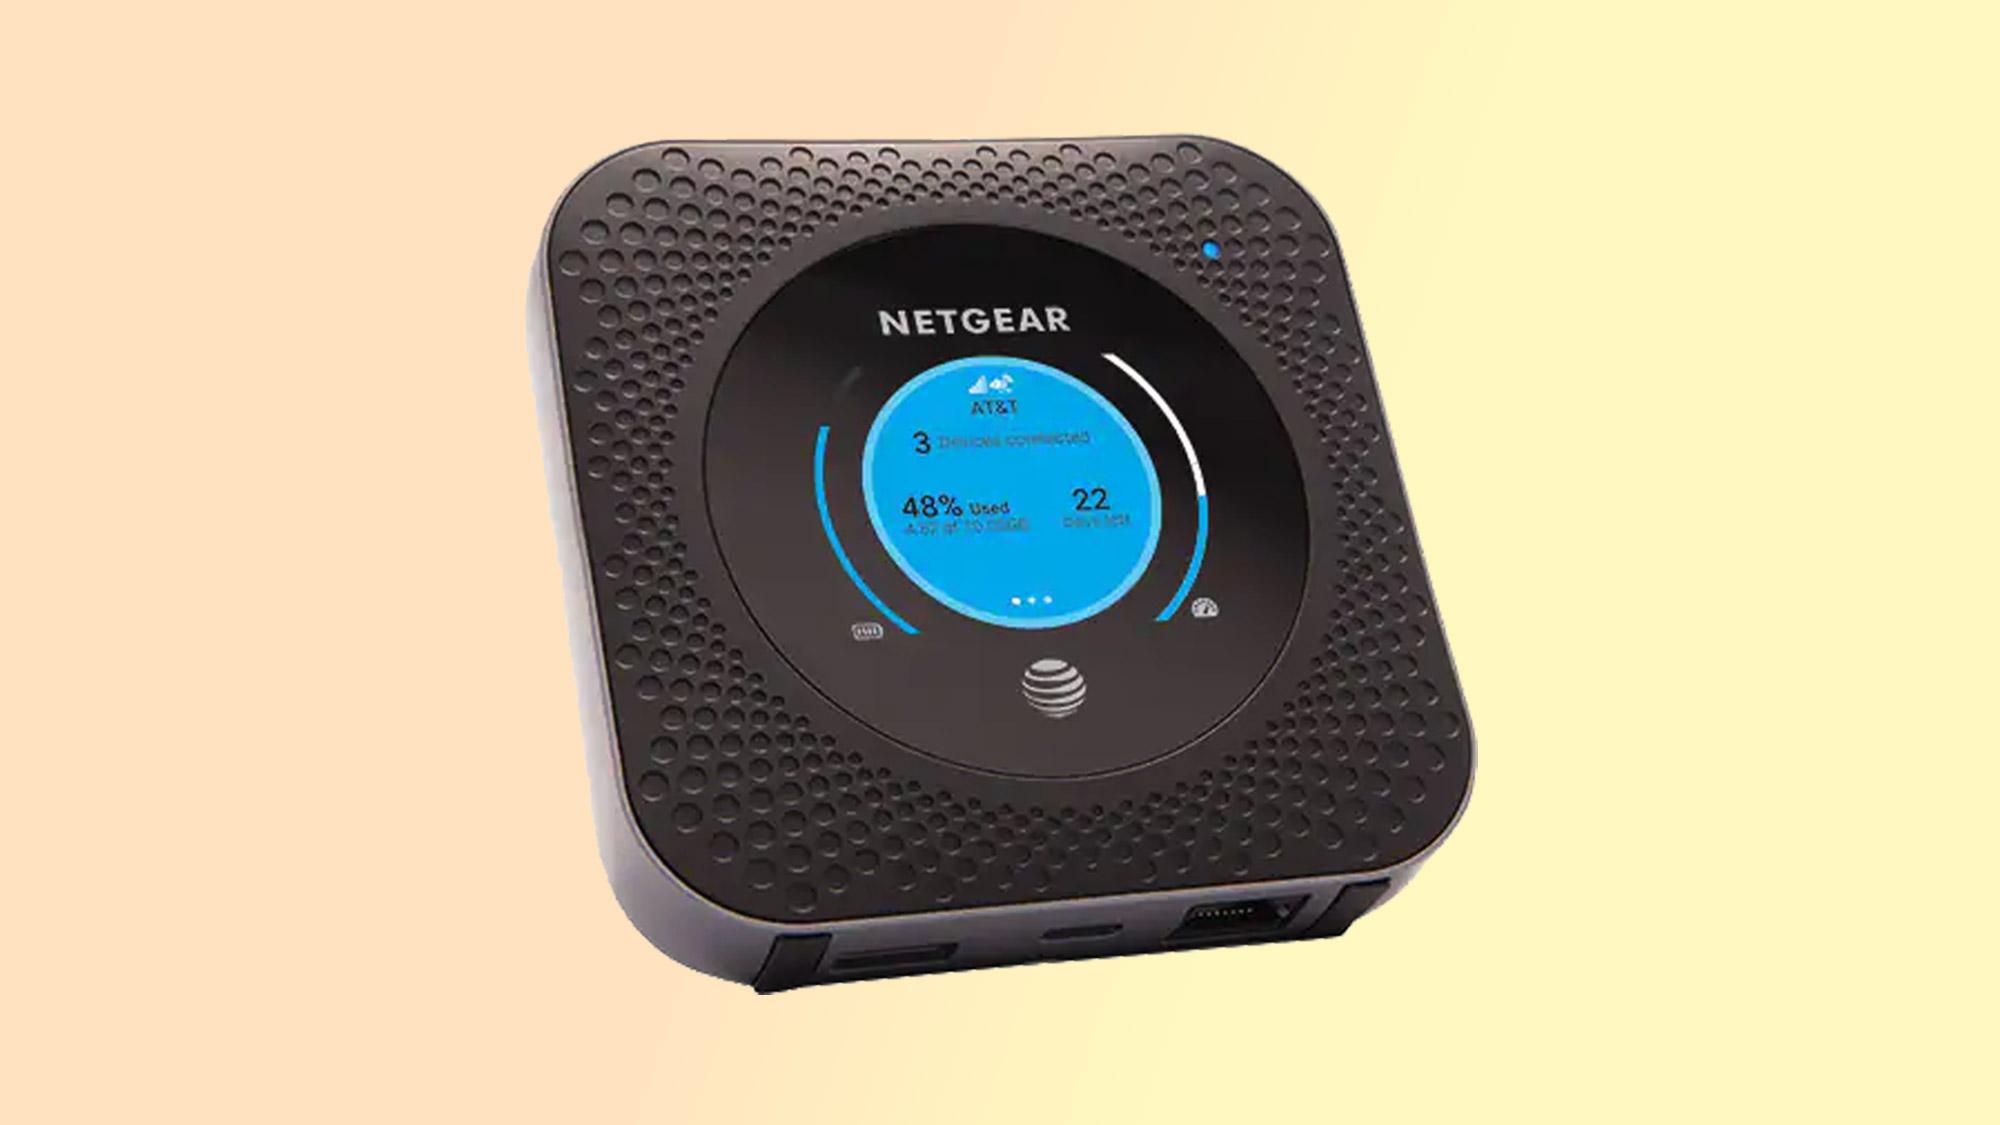 best mobile hotspot: Nighthawk LTE Mobile Hotspot